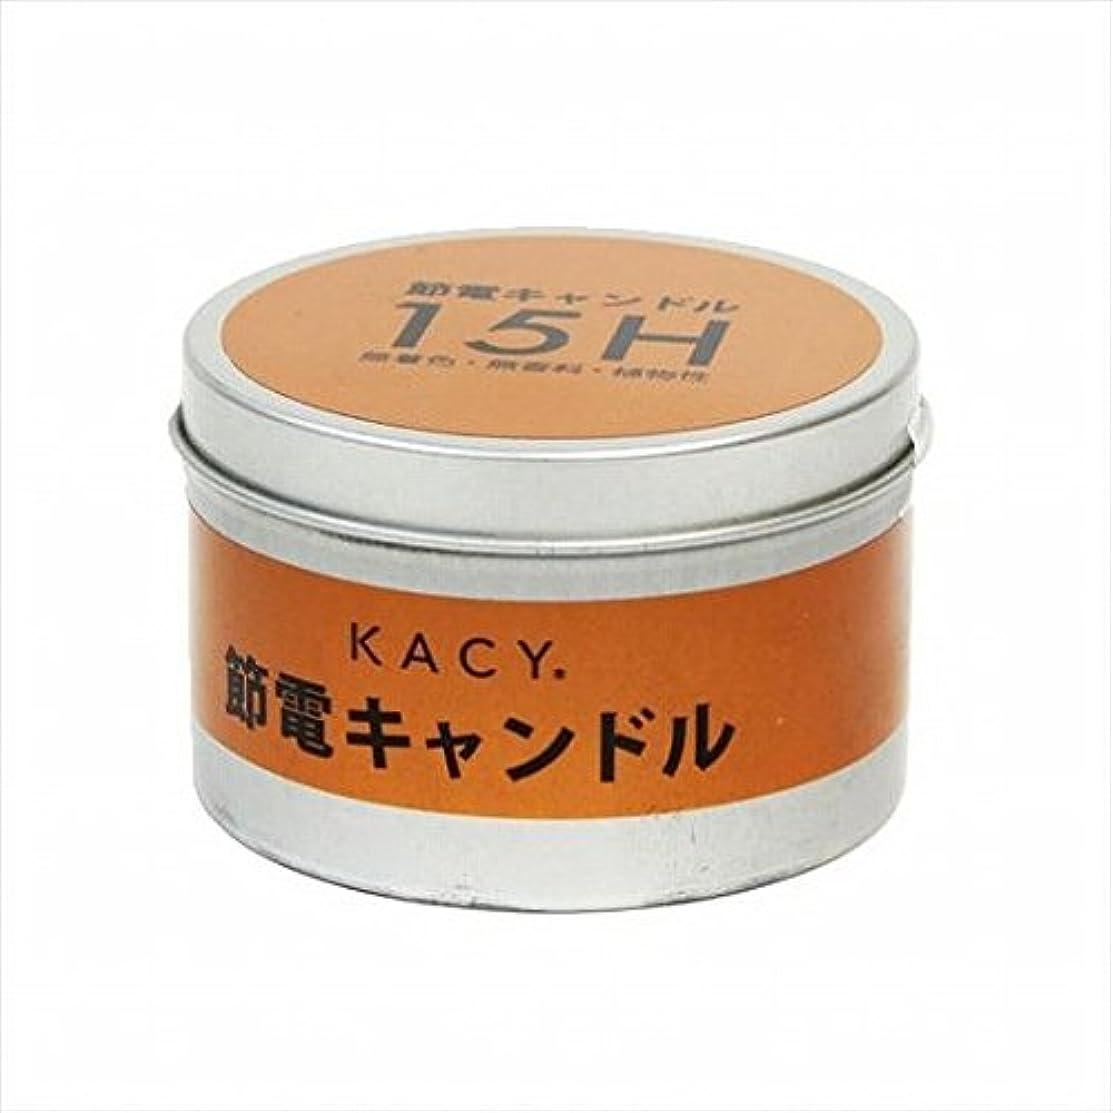 伝記予算消毒剤kameyama candle(カメヤマキャンドル) 節電缶キャンドル15時間タイプ キャンドル 80x80x48mm (A9620000)